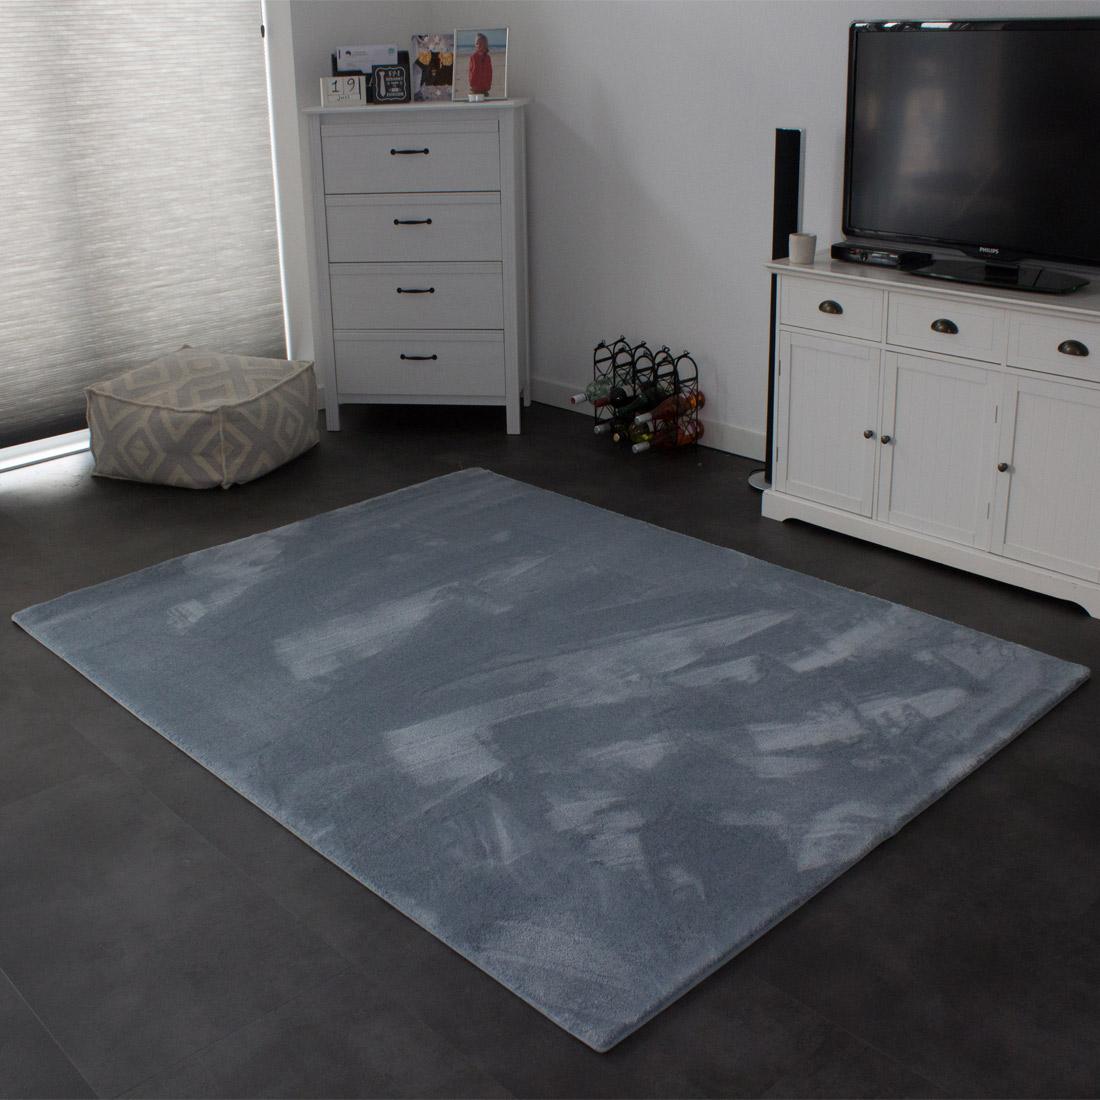 Vloerkleed Xilento Soft Oceaan | 170 x 230 cm